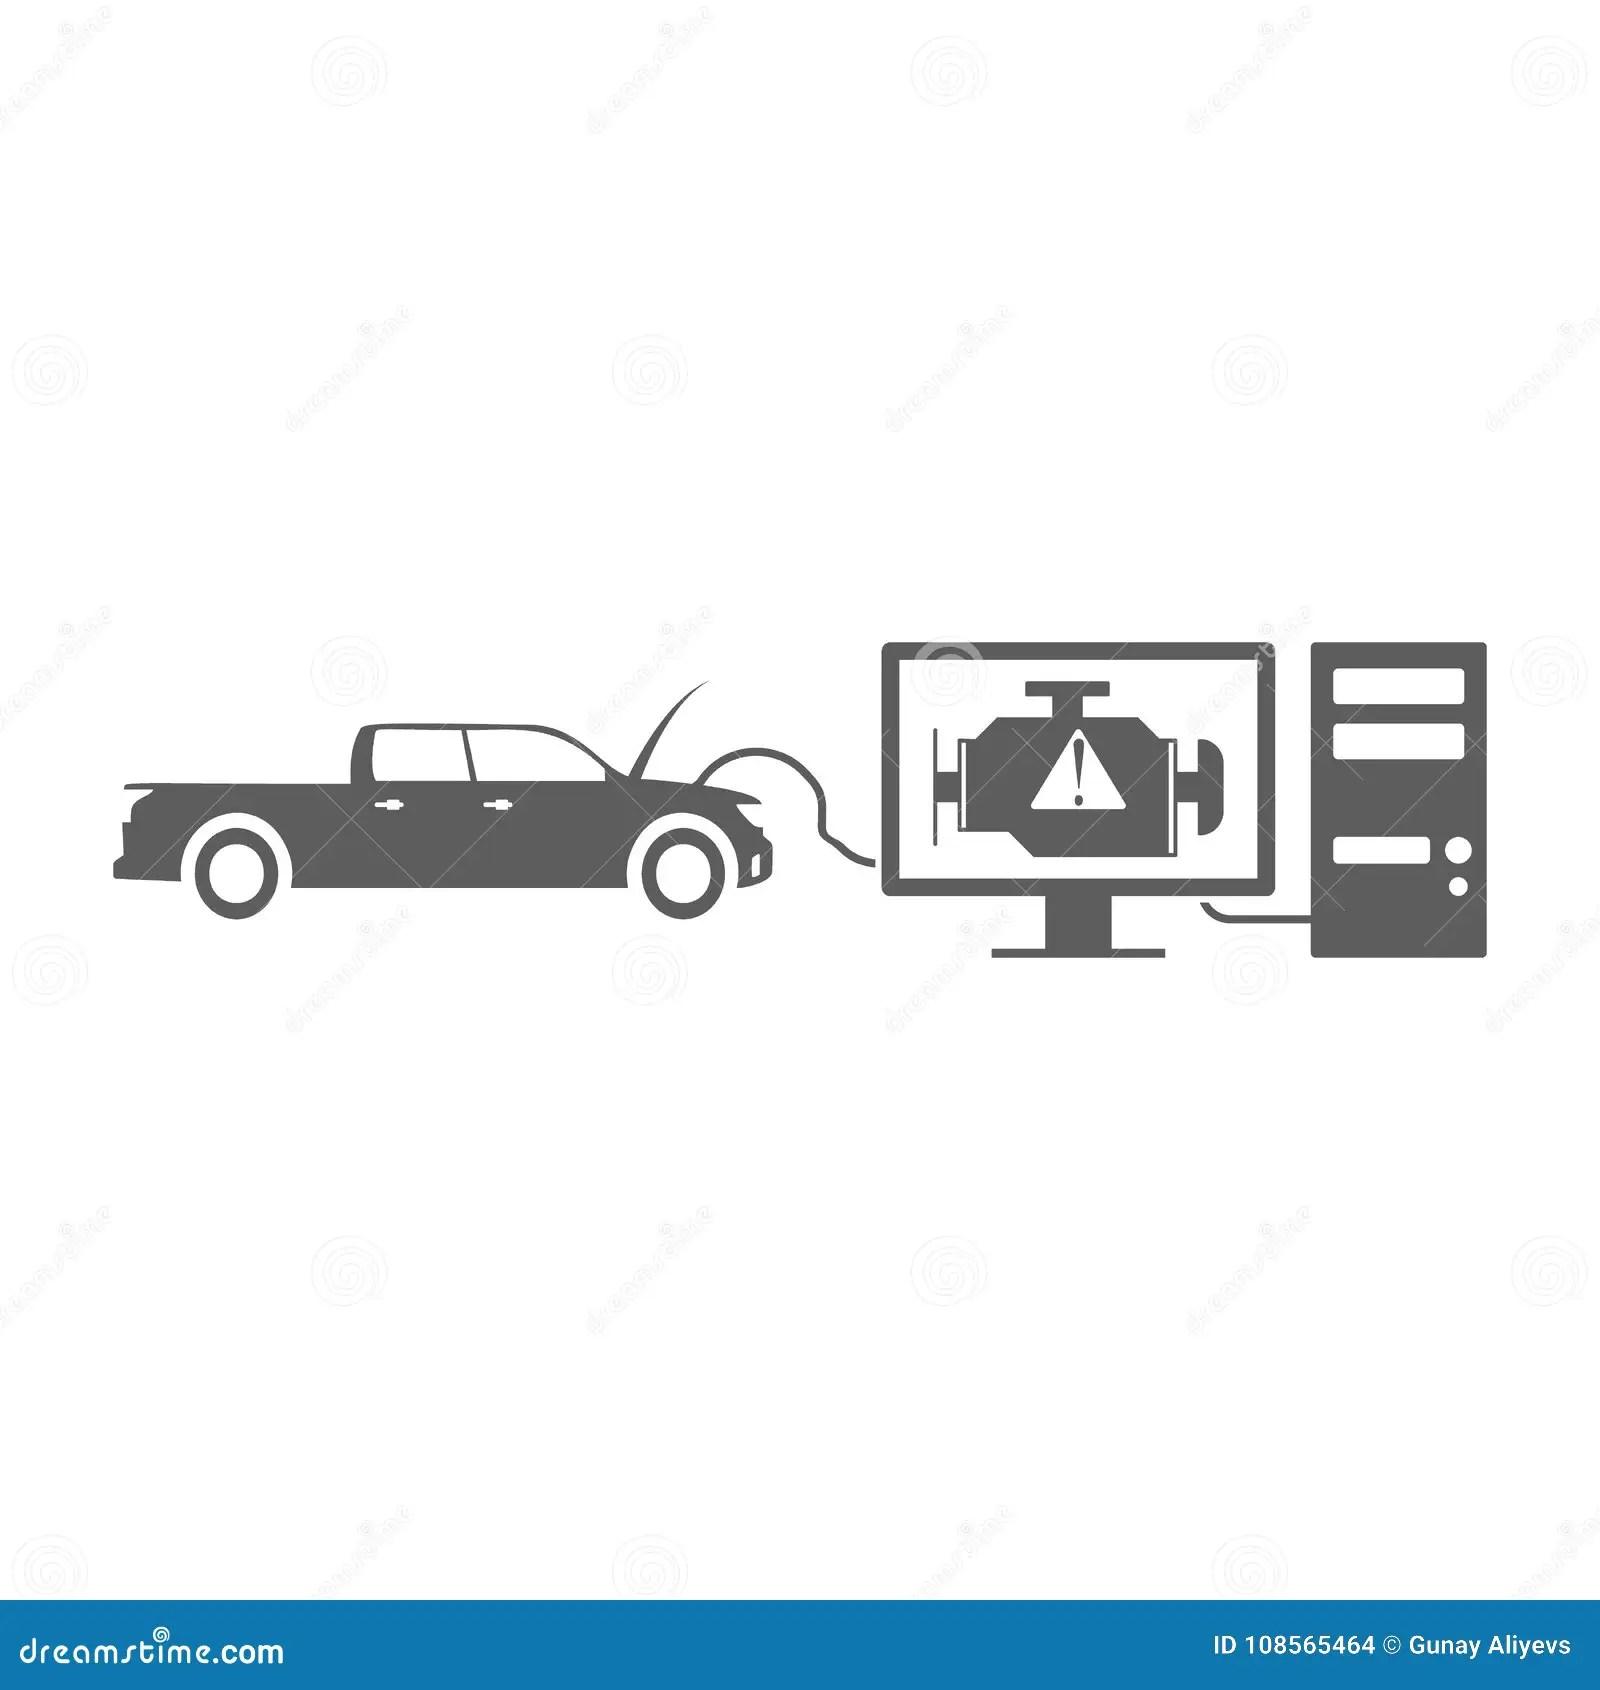 Computer Diagnostics Of A Car Icon Elements Of Car Repair